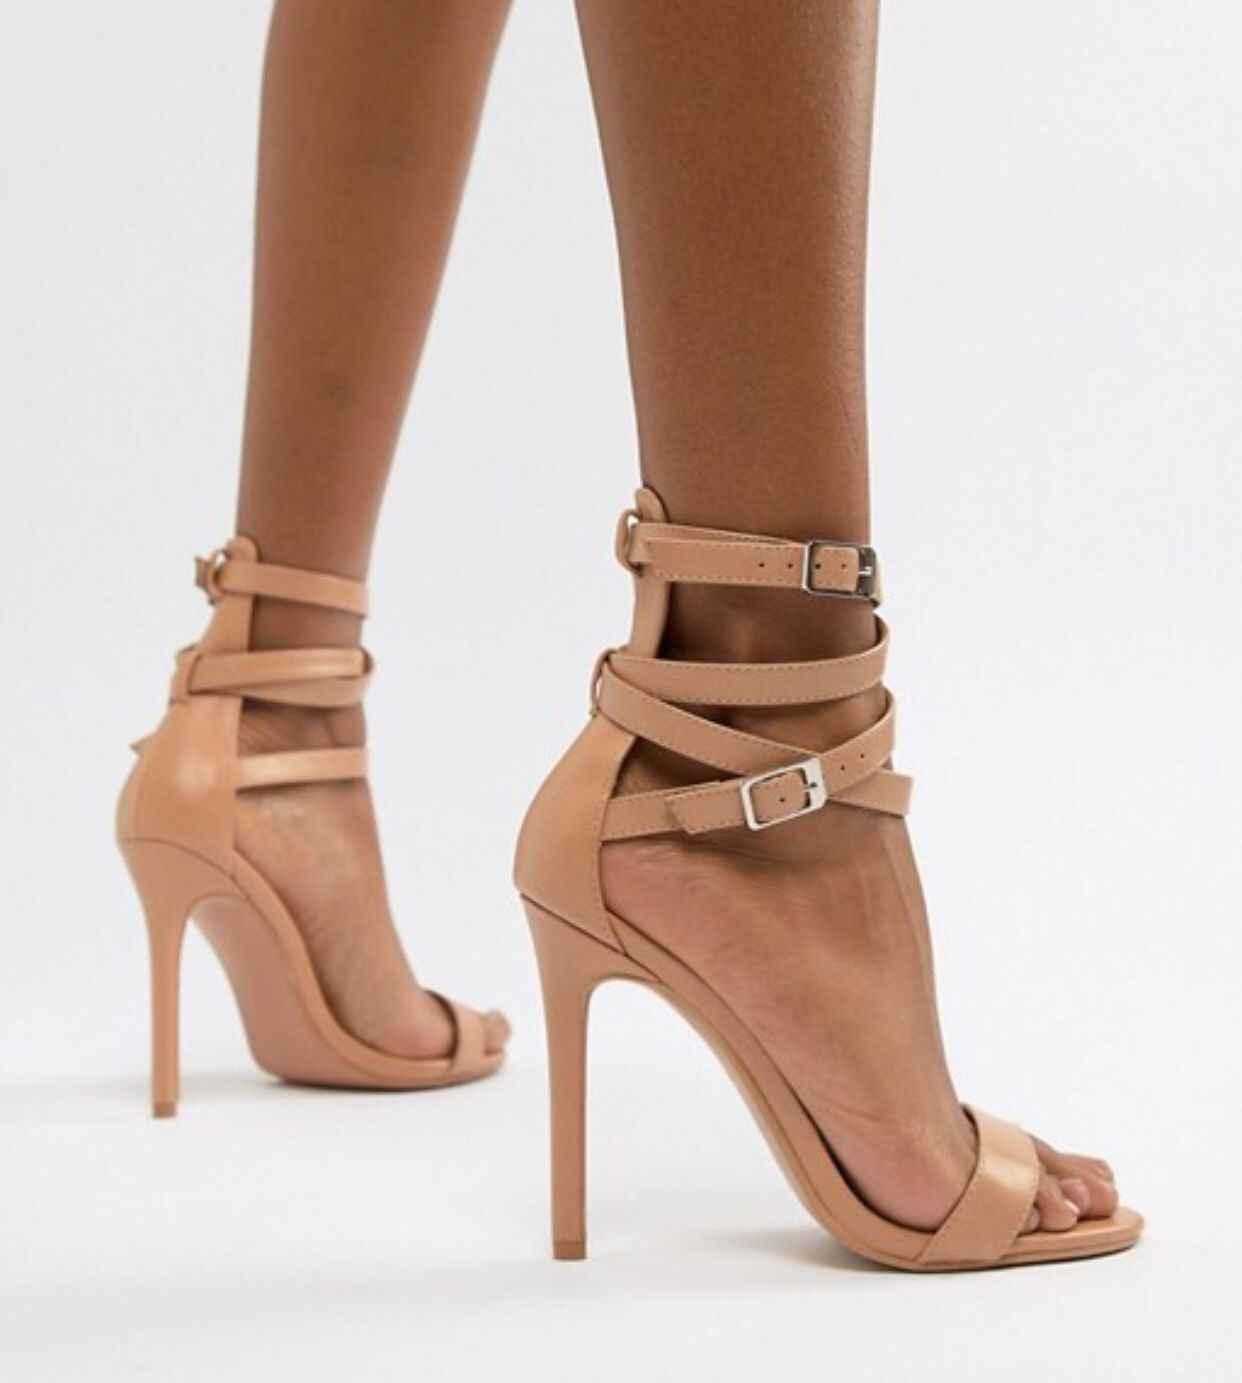 c1ac91719 ... Новые Коричневые женские босоножки на весну 2019 г. модная обувь на высоком  каблуке с перекрестными ...